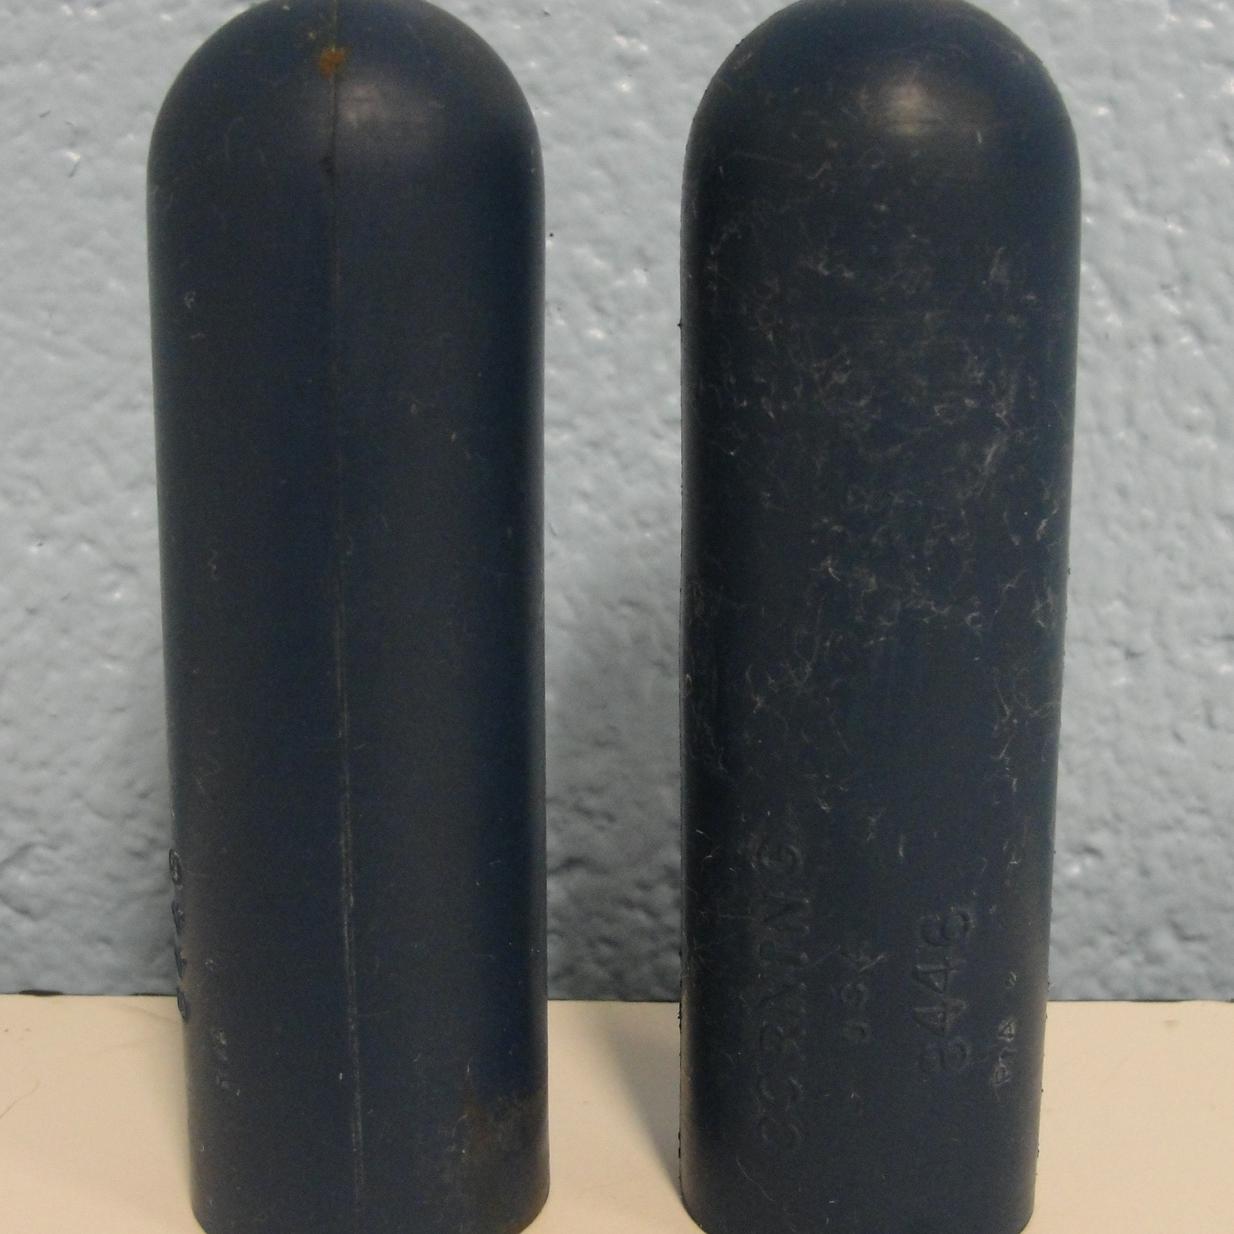 Corning 8446 Round-bottom Centrifuge Adapter Tubes (Set of 4) Image